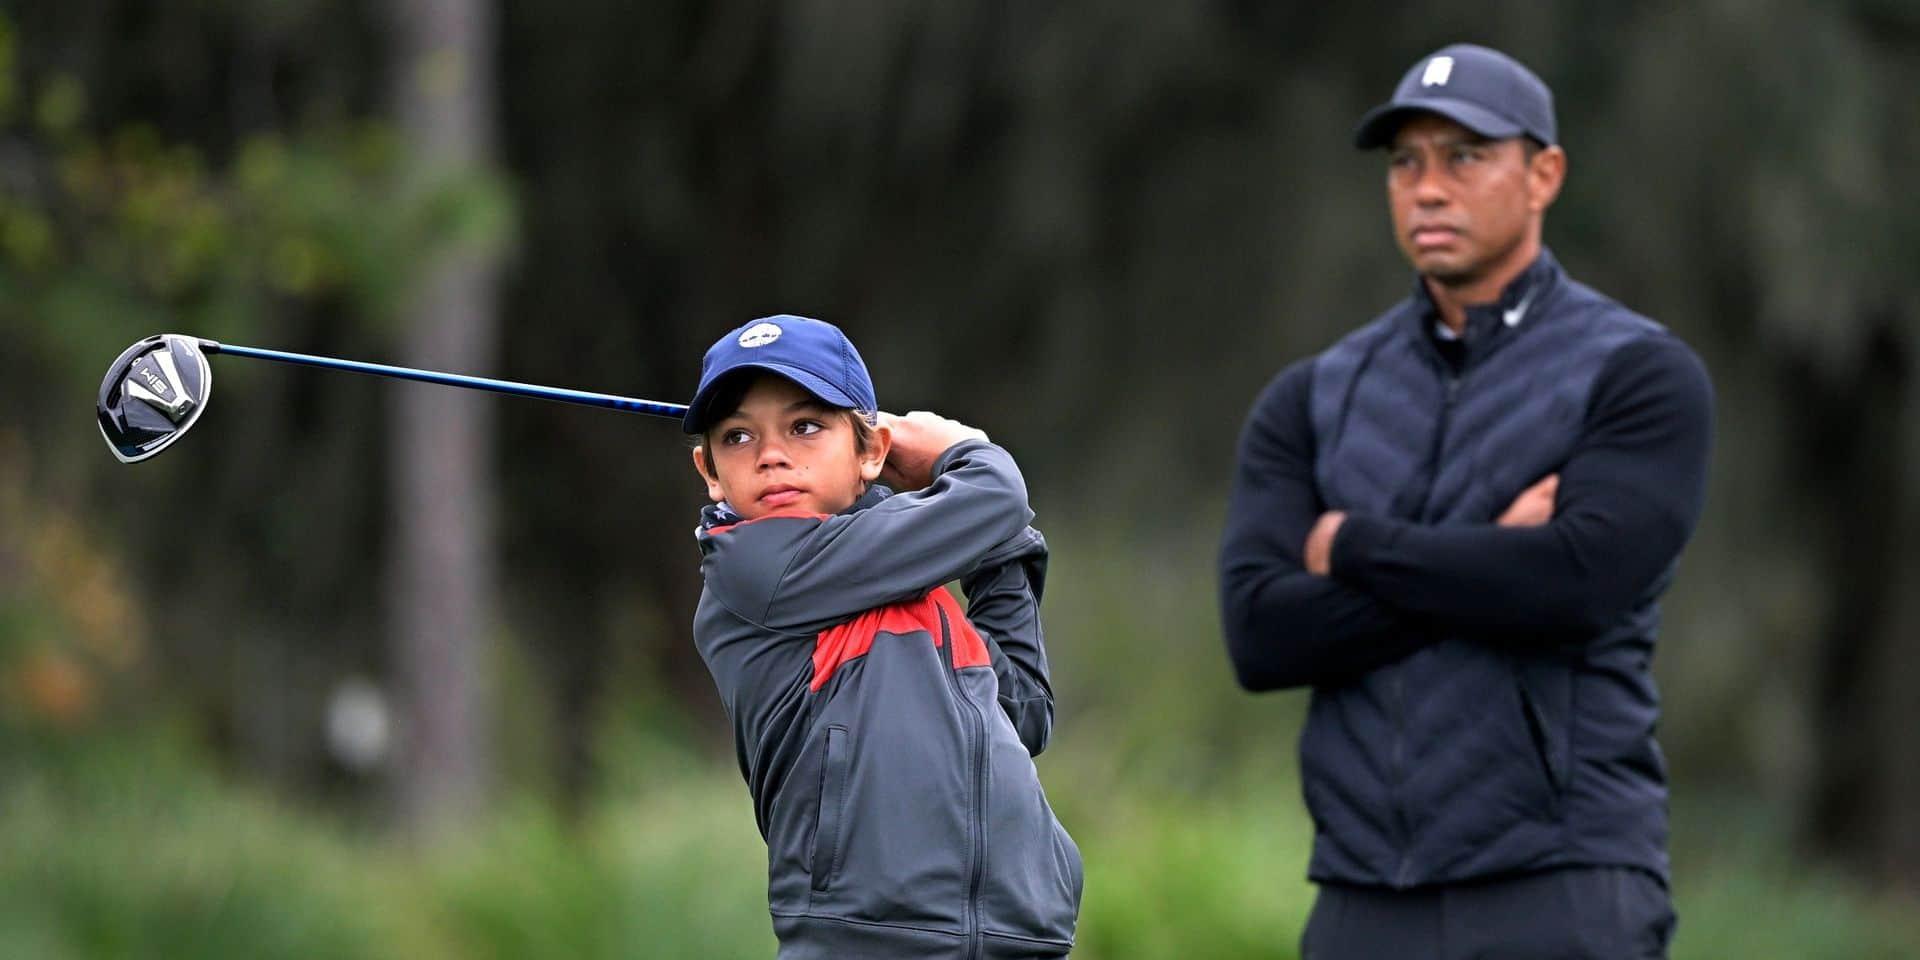 Papa Tiger fait équipe avec son fils Charlie !